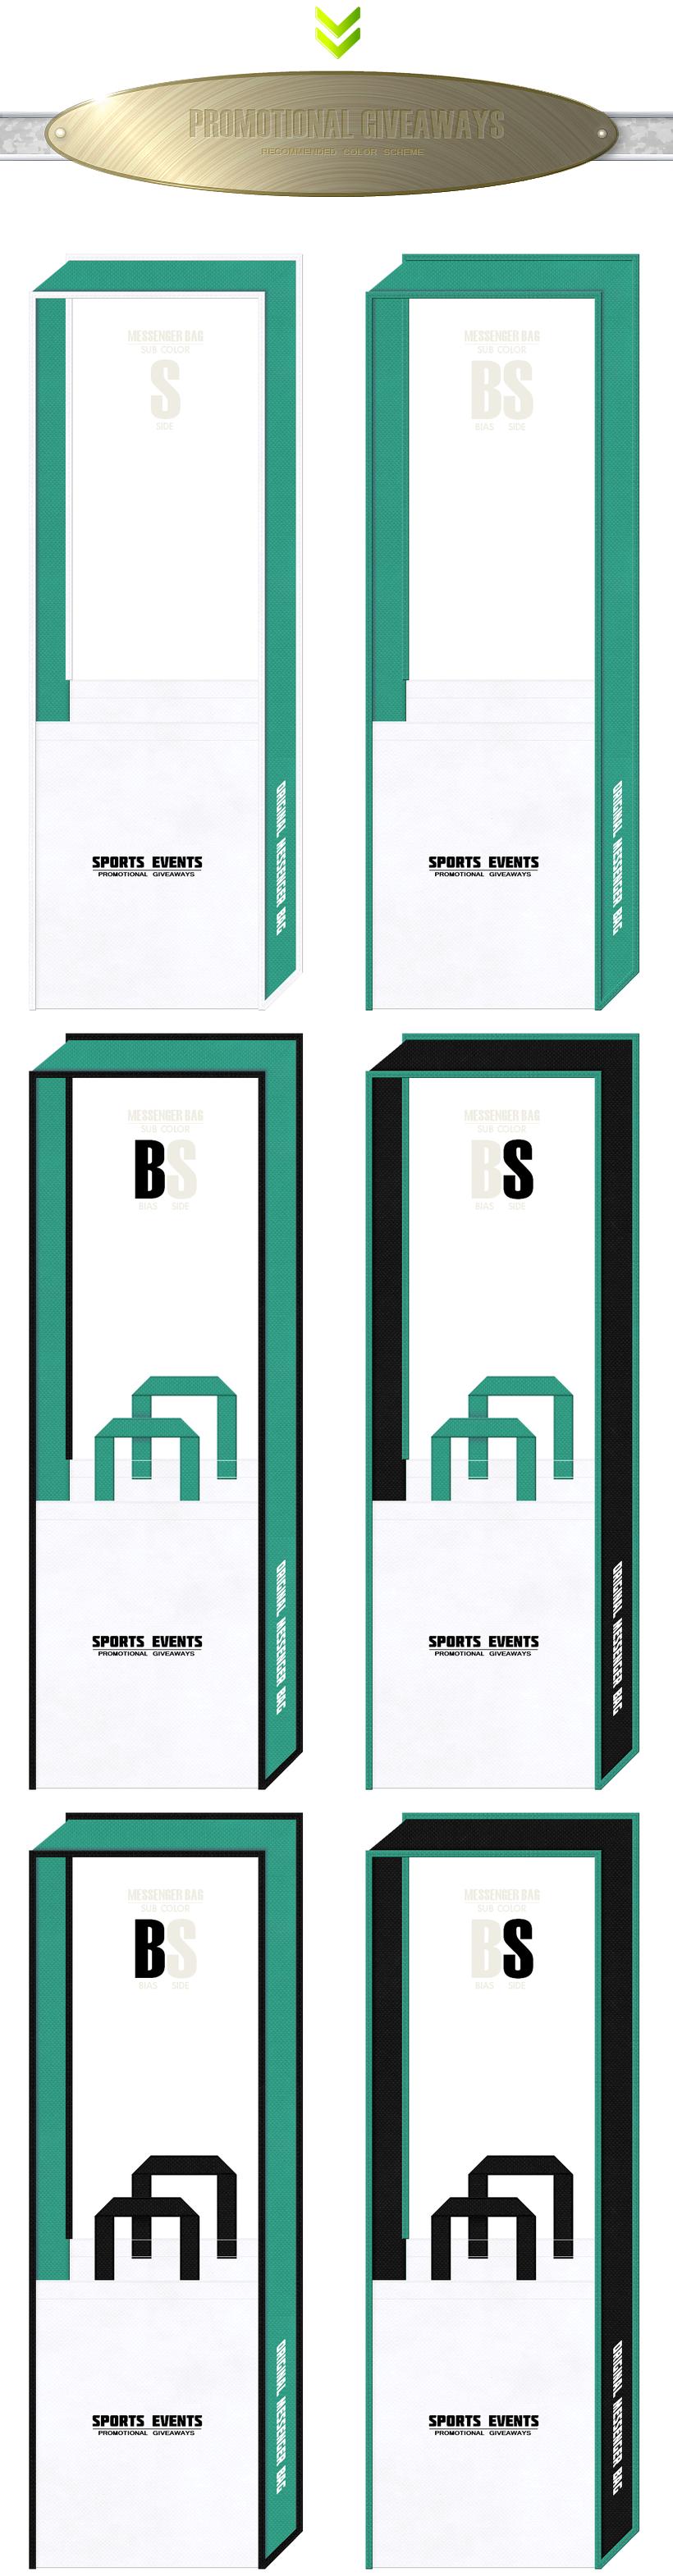 白色と青緑色をメインに使用した、不織布メッセンジャーバッグのカラーシミュレーション:スポーツイベントのノベルティ